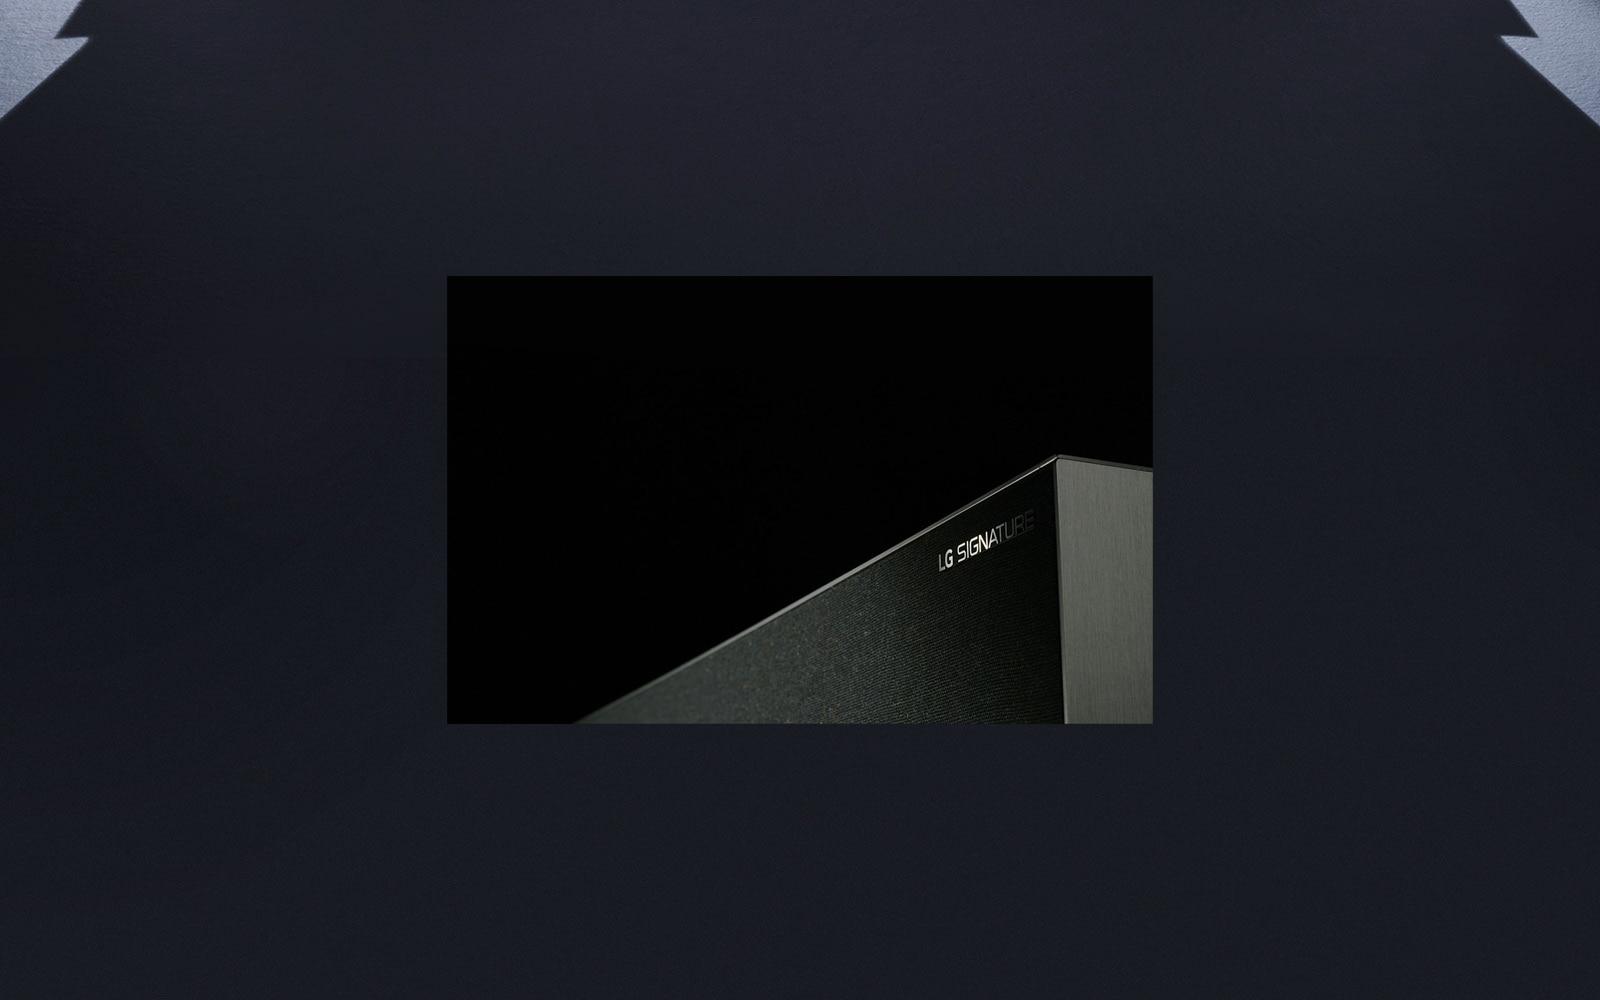 Темный фон